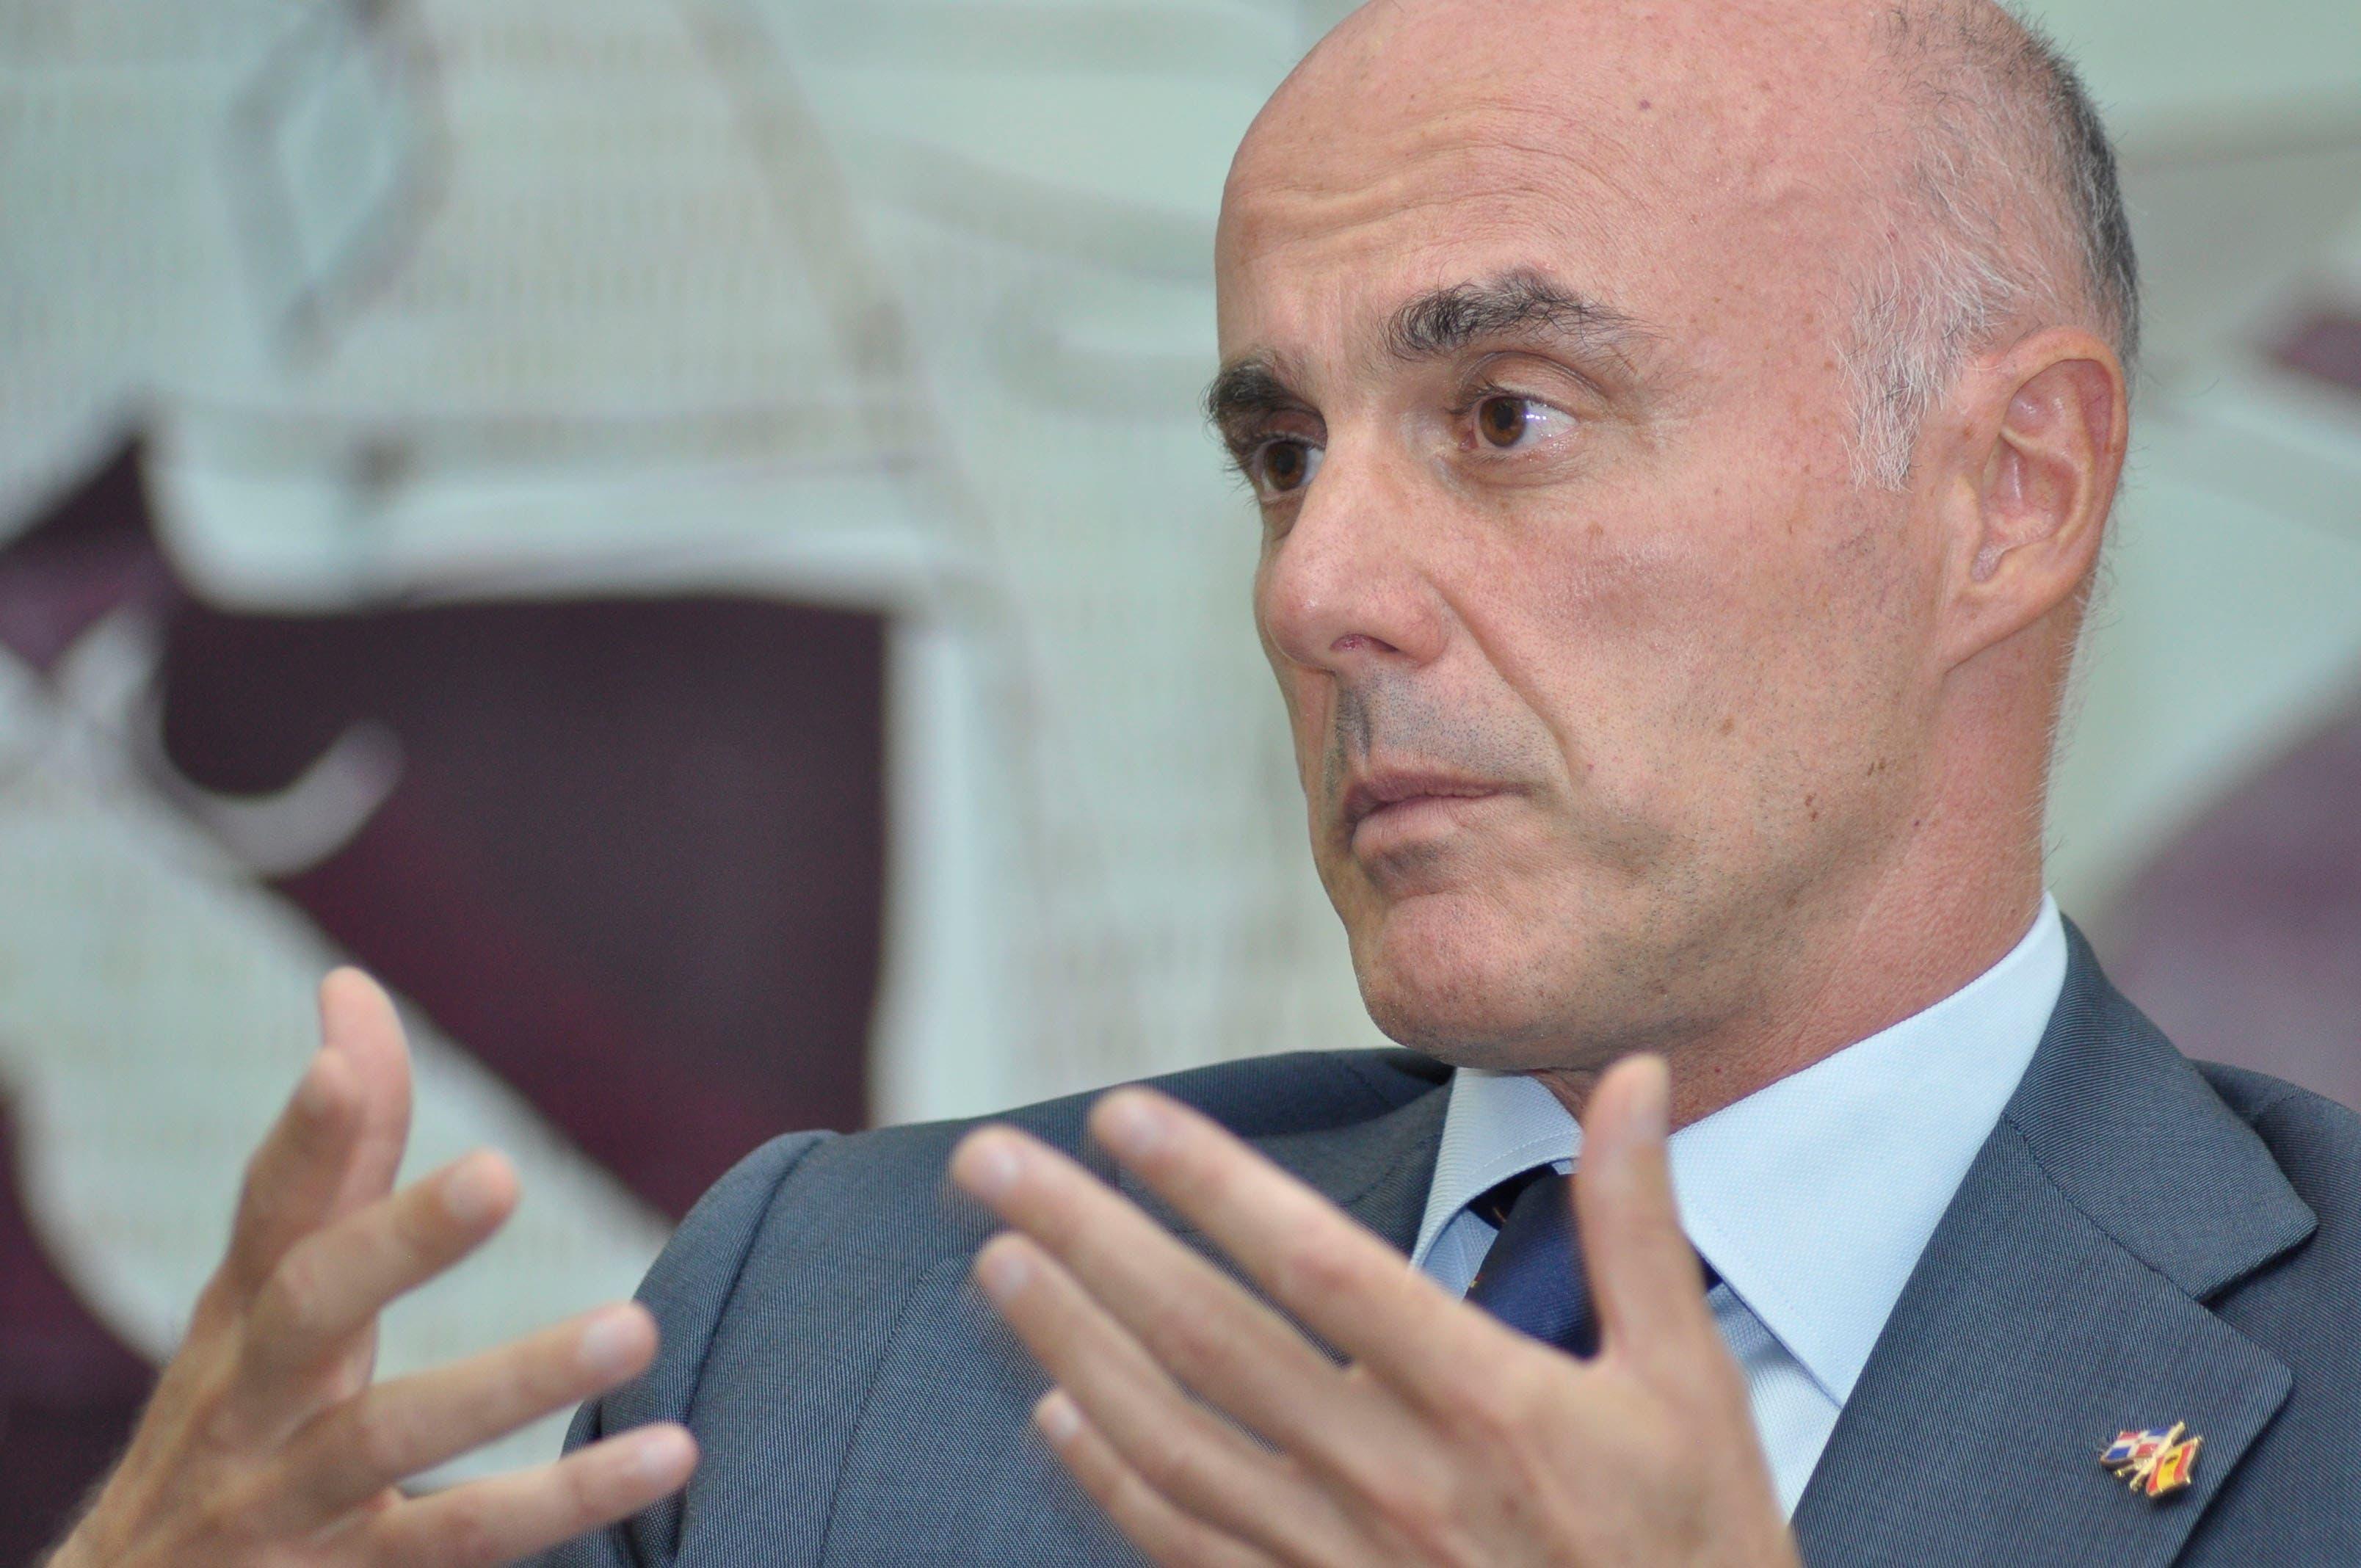 Embajador afirma España no permitirá que Cataluña rompa la legalidad